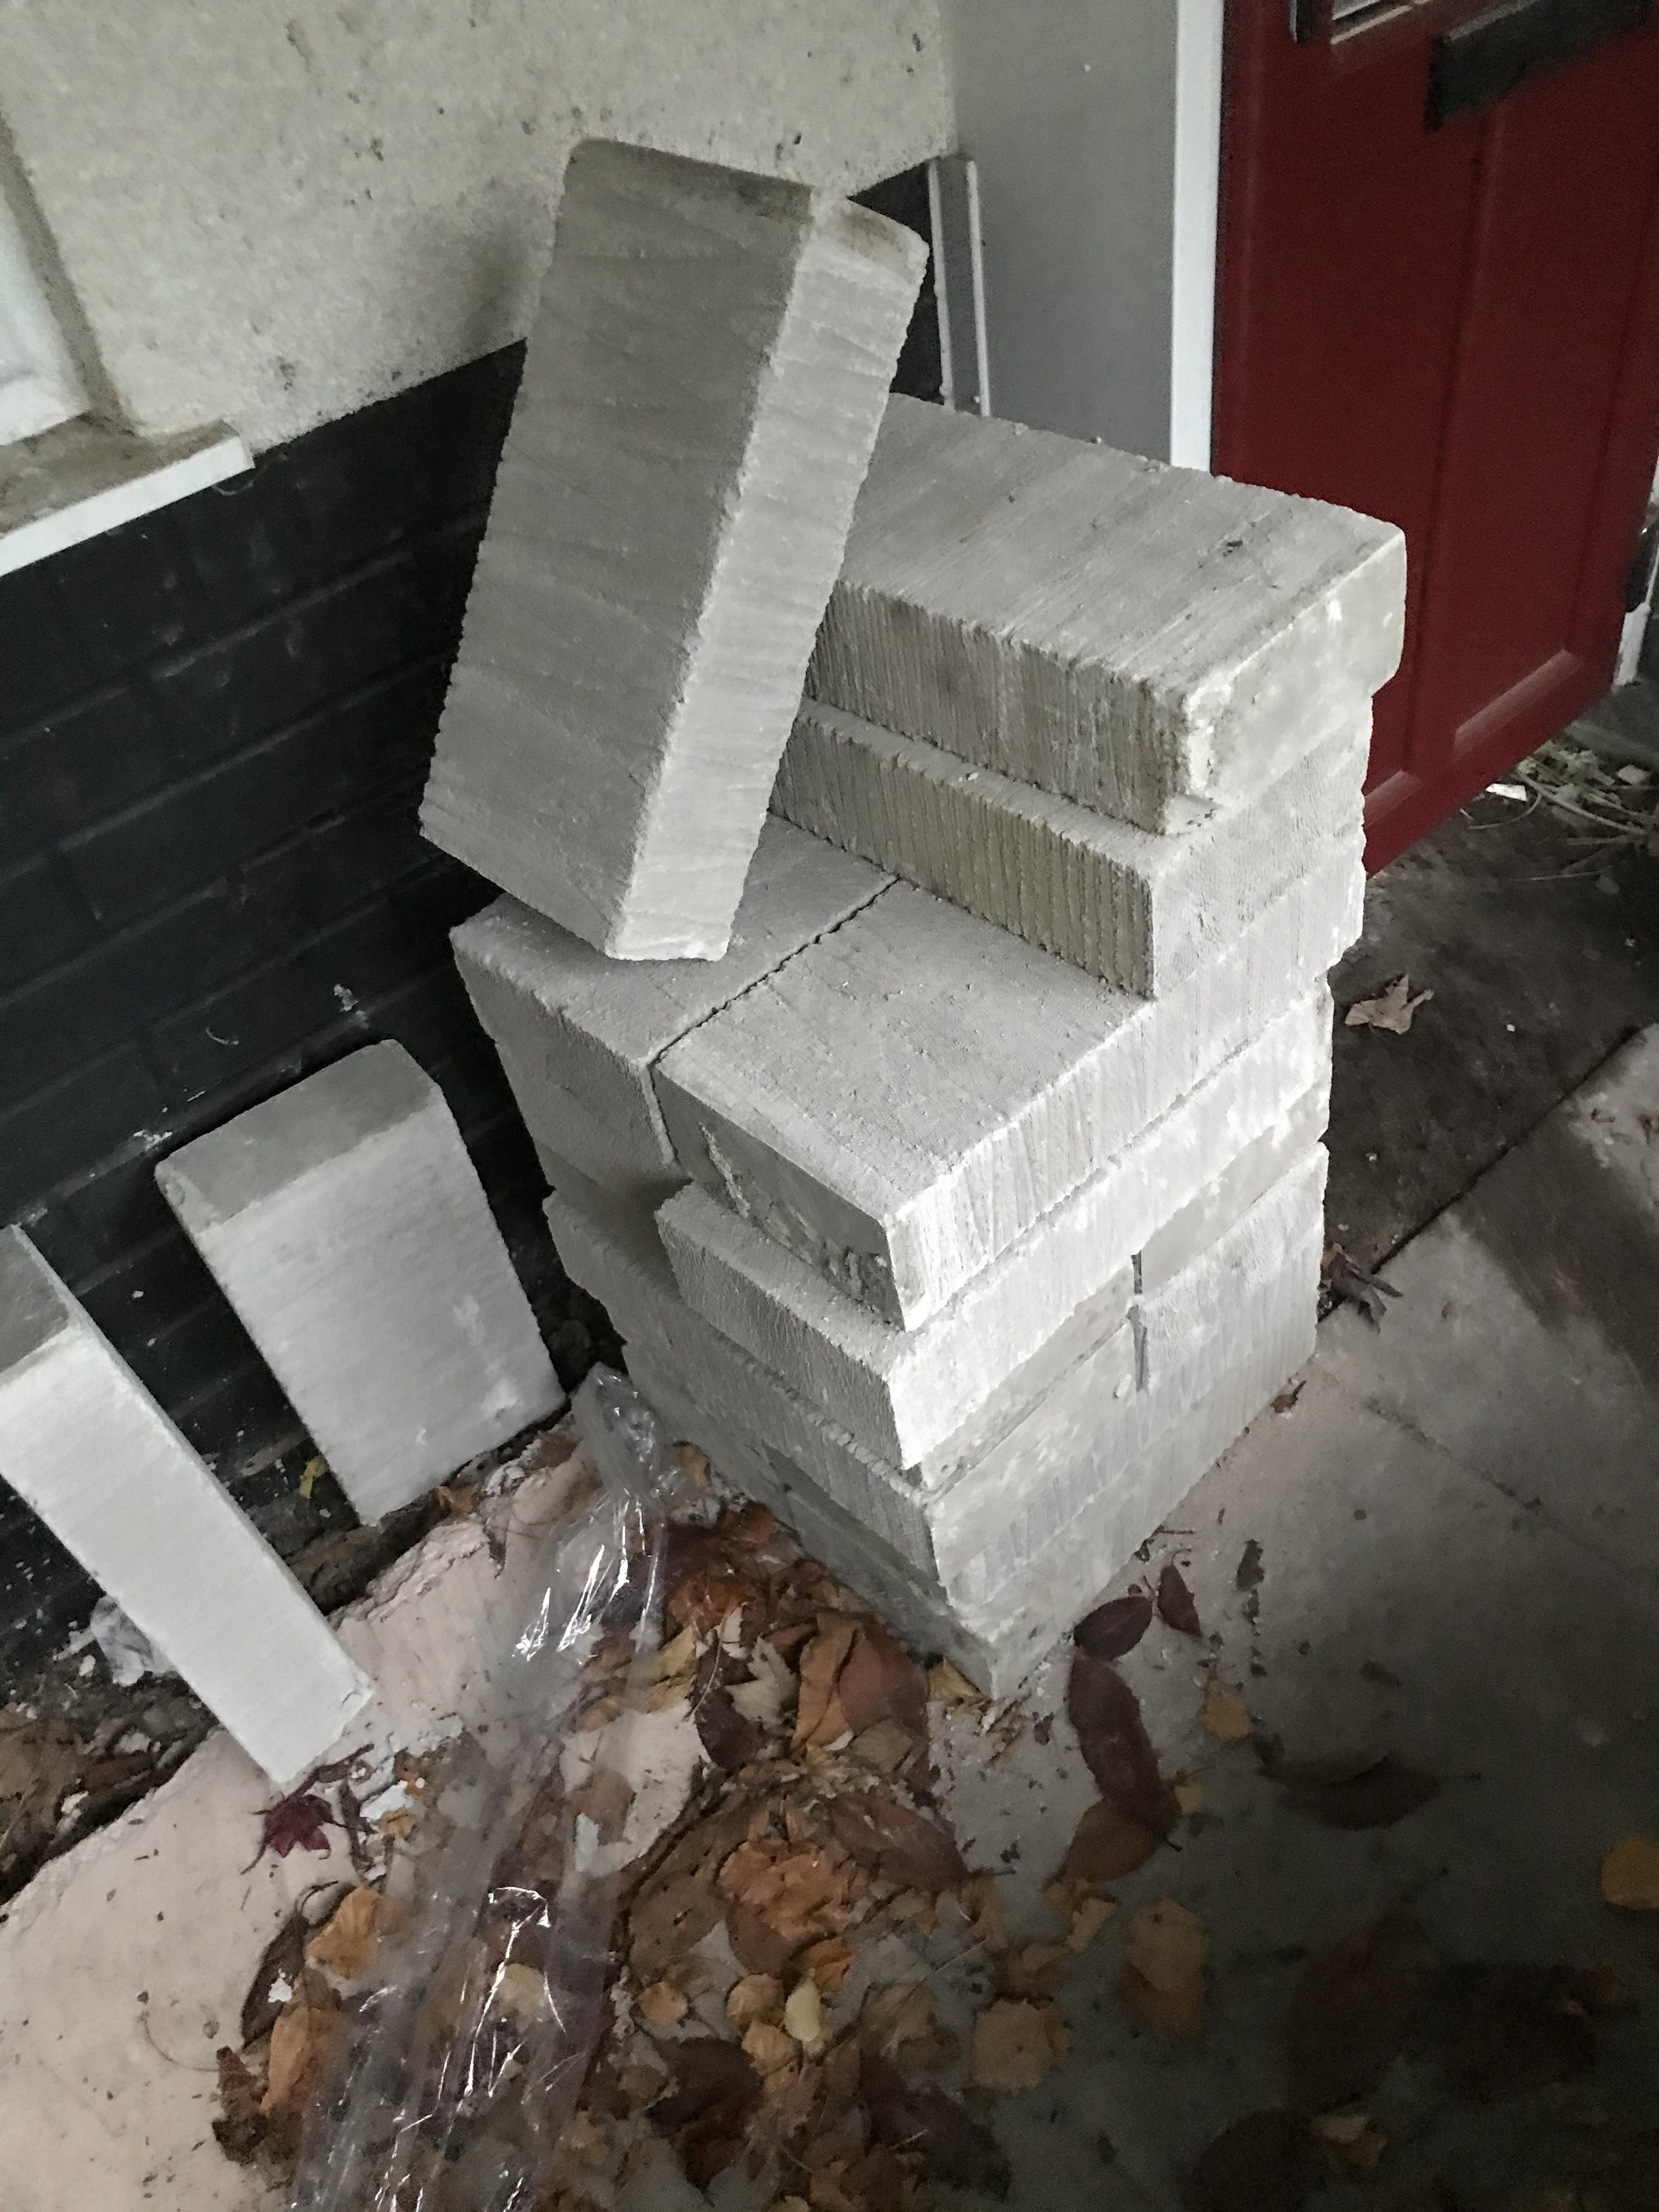 Man cave/python shed build-2eadd947-7af1-49ad-babd-2b645a2a47c9_1605081110298.jpeg